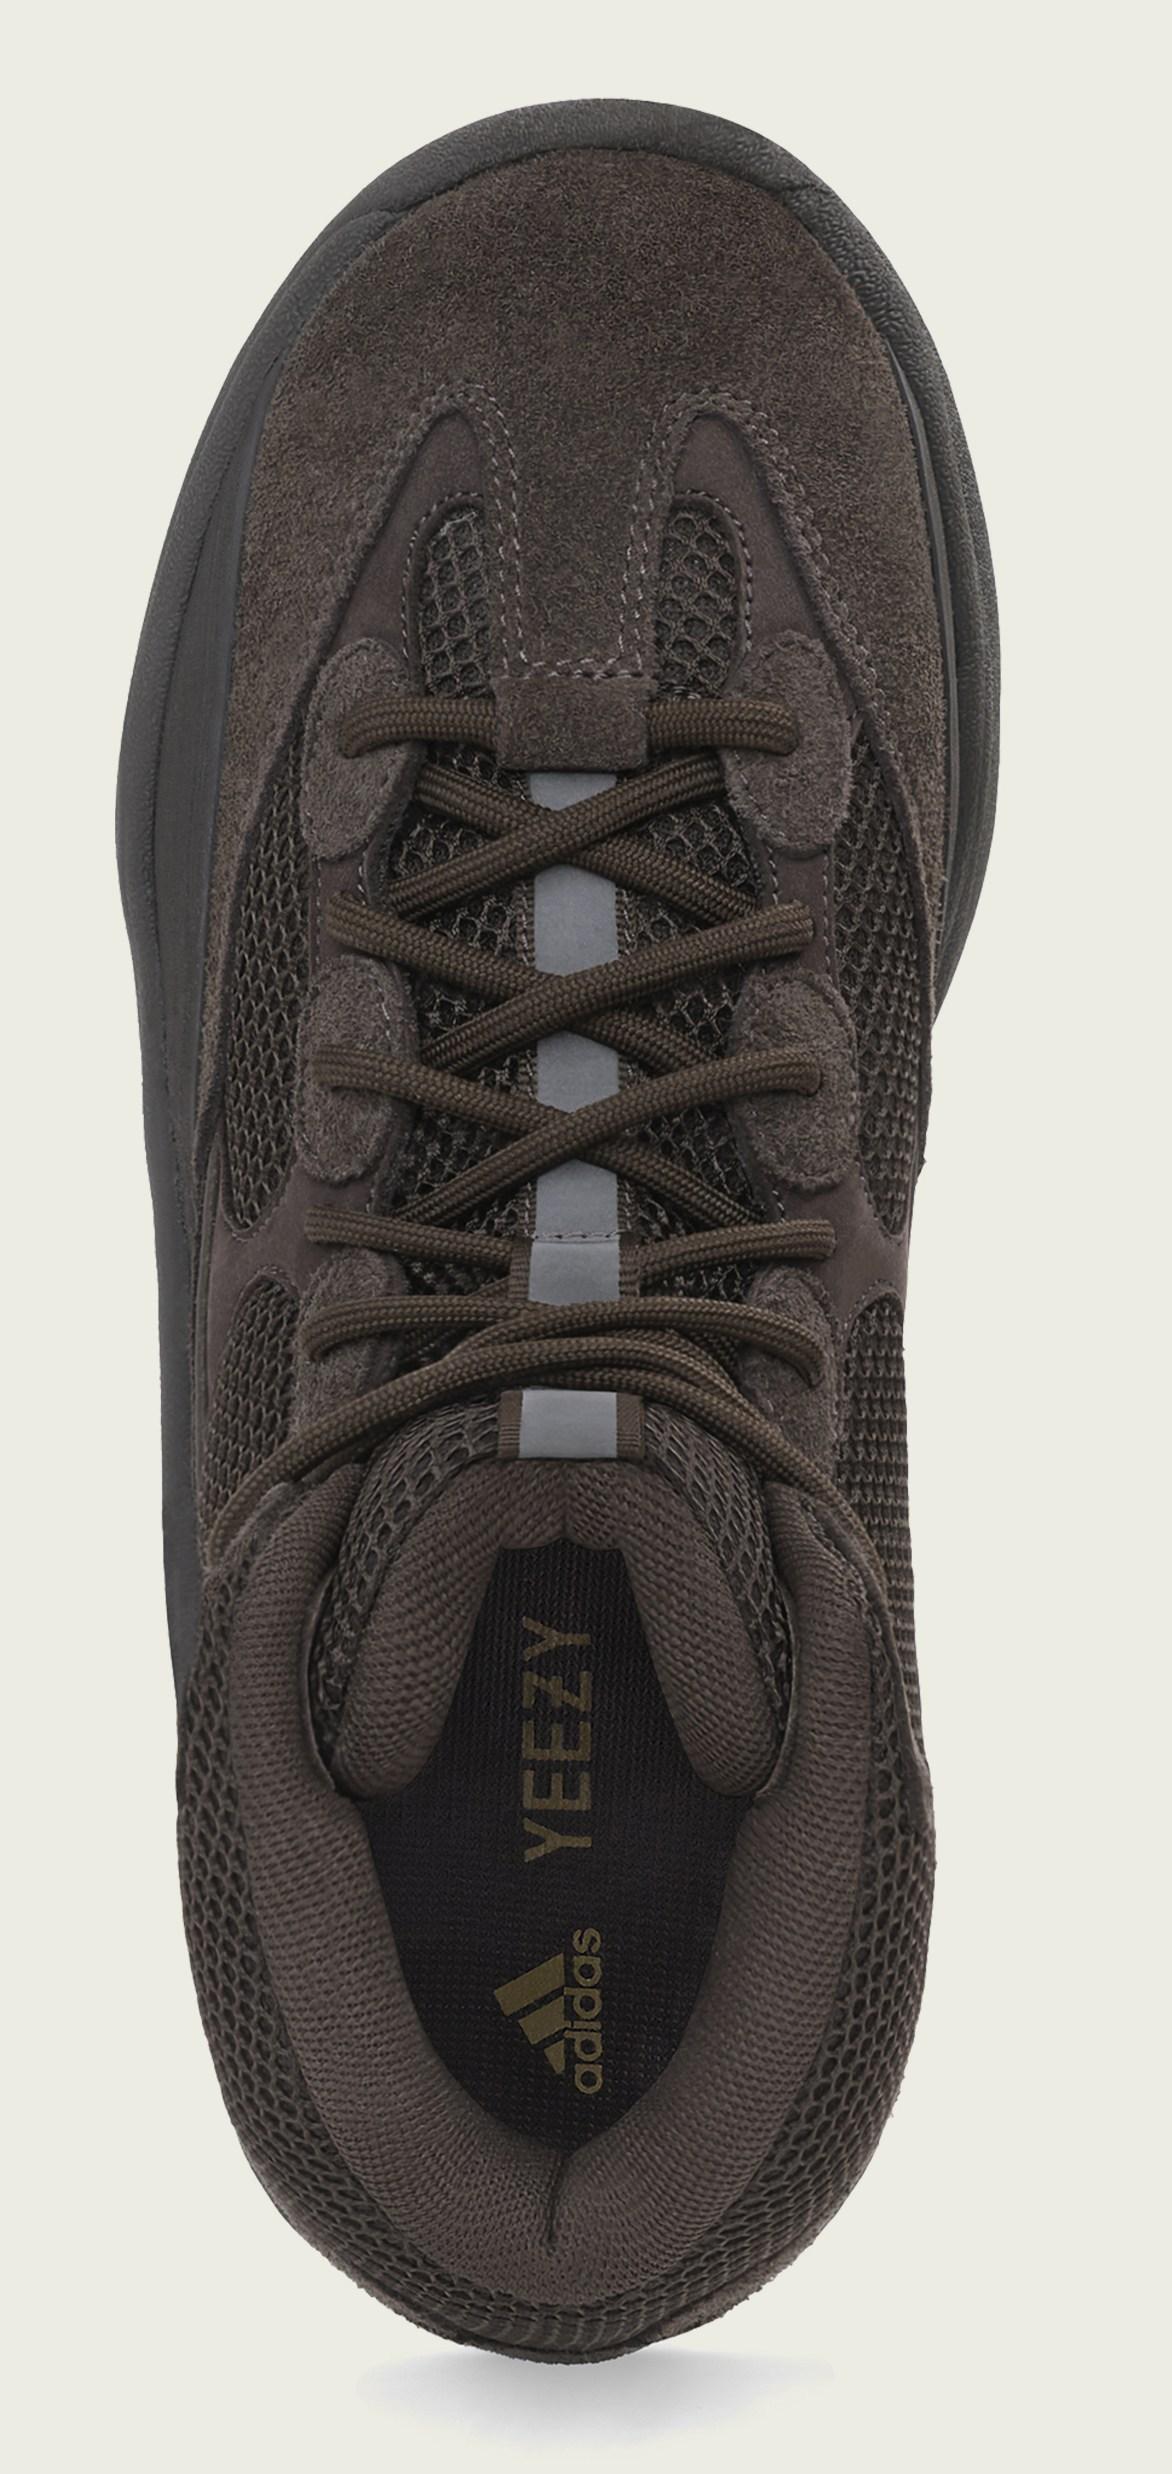 07-adidas-yeezy-desert-boot-oil-eg6463